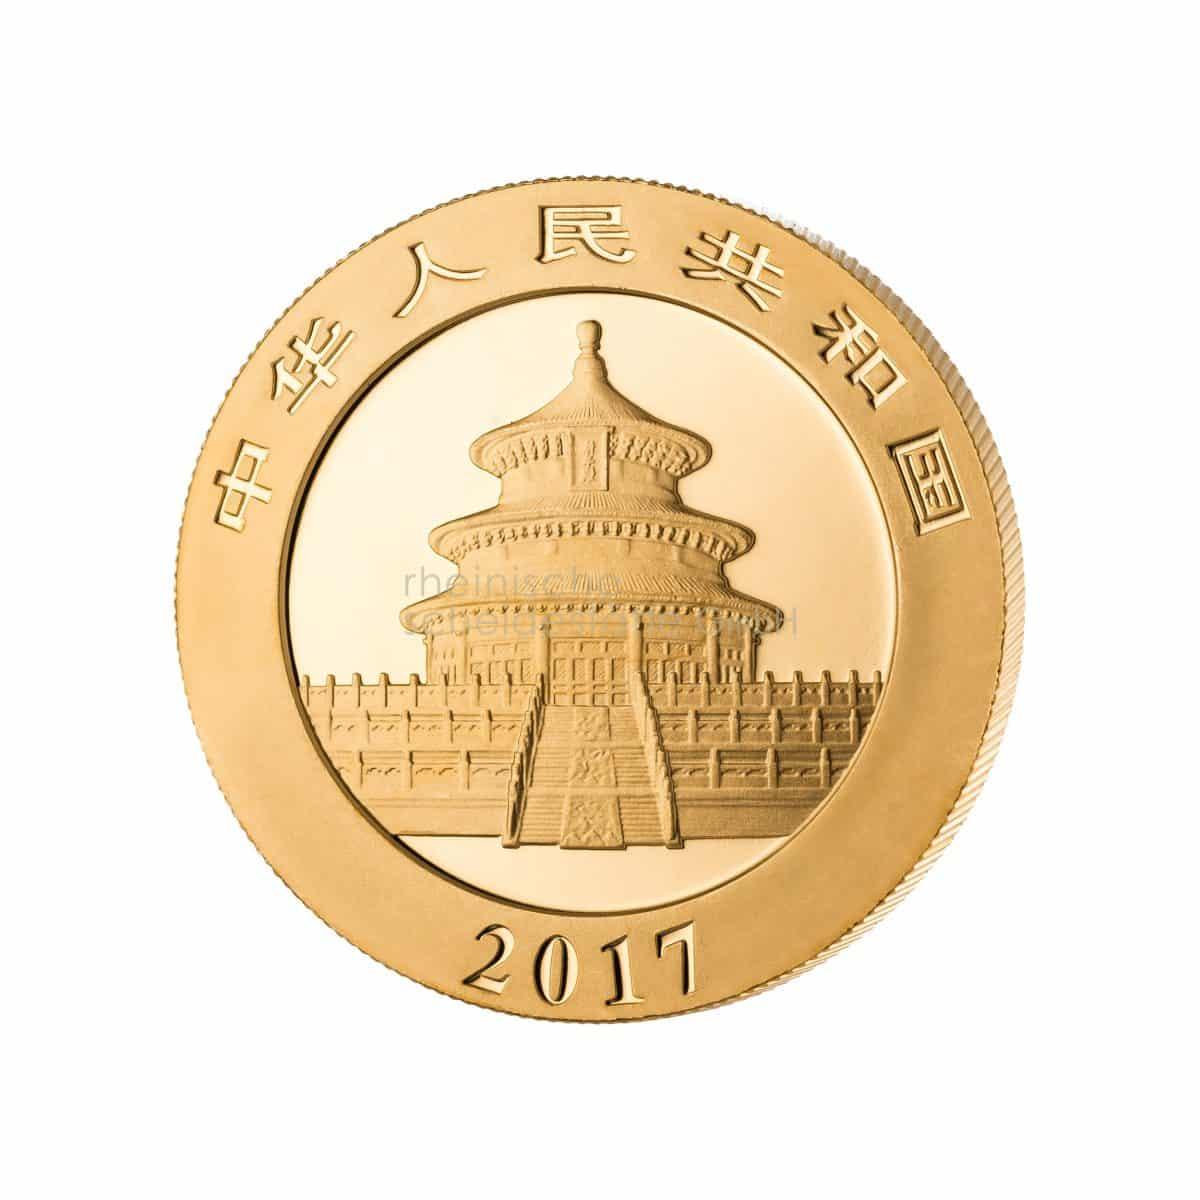 China Panda Gold Goldmünzen Rückseite